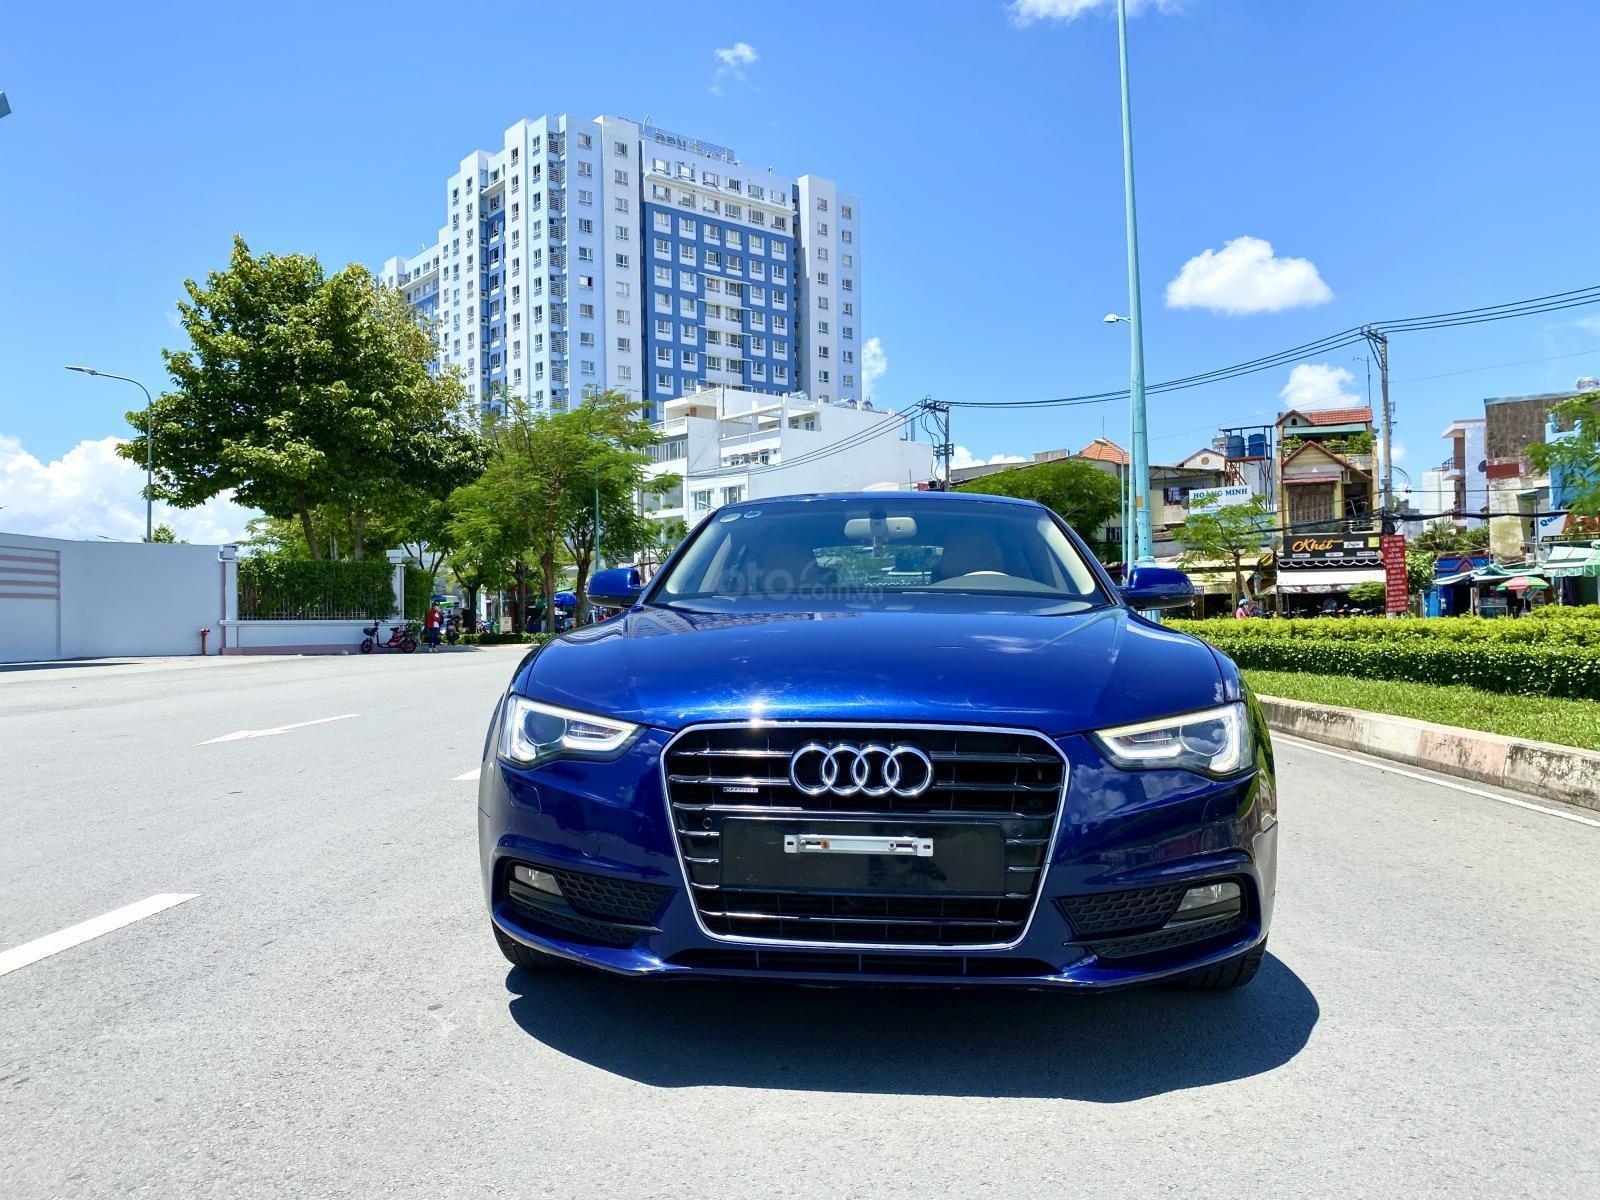 Audi A5 nhập Đức 2015 màu xanh zin, full và độ vào rất nhiều đồ chơi cao cấp, số tự động 6 cấp, nội thất kem (5)